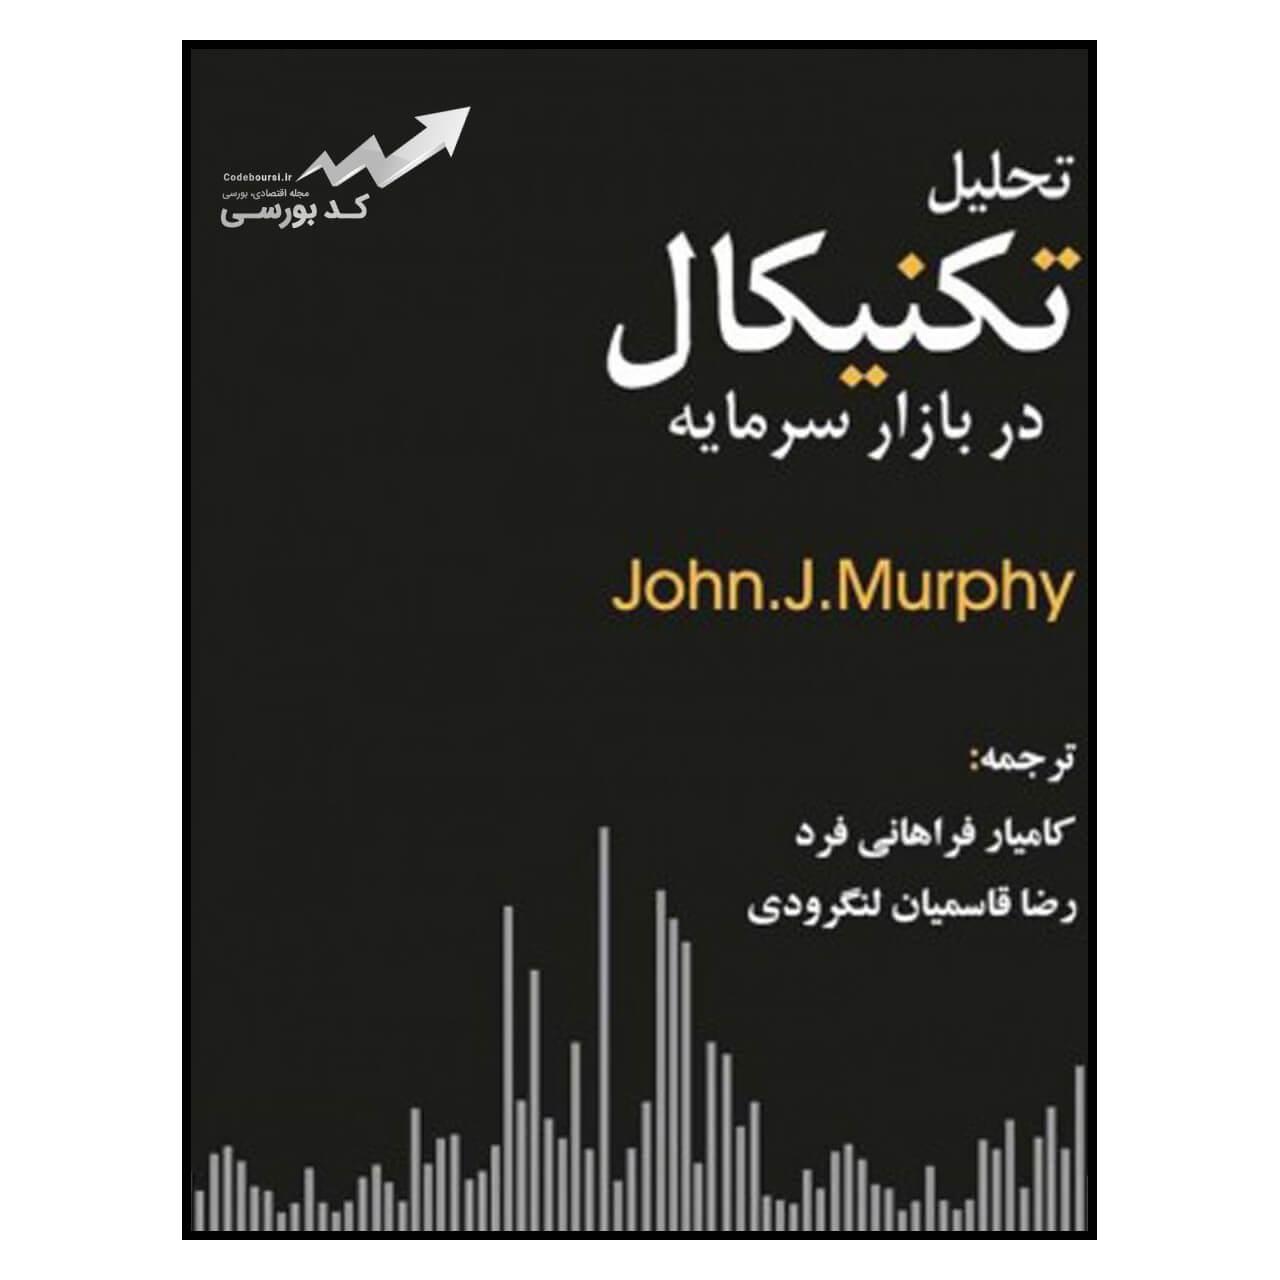 خلاصه کتاب تحلیل تکنیکال جان مورفی